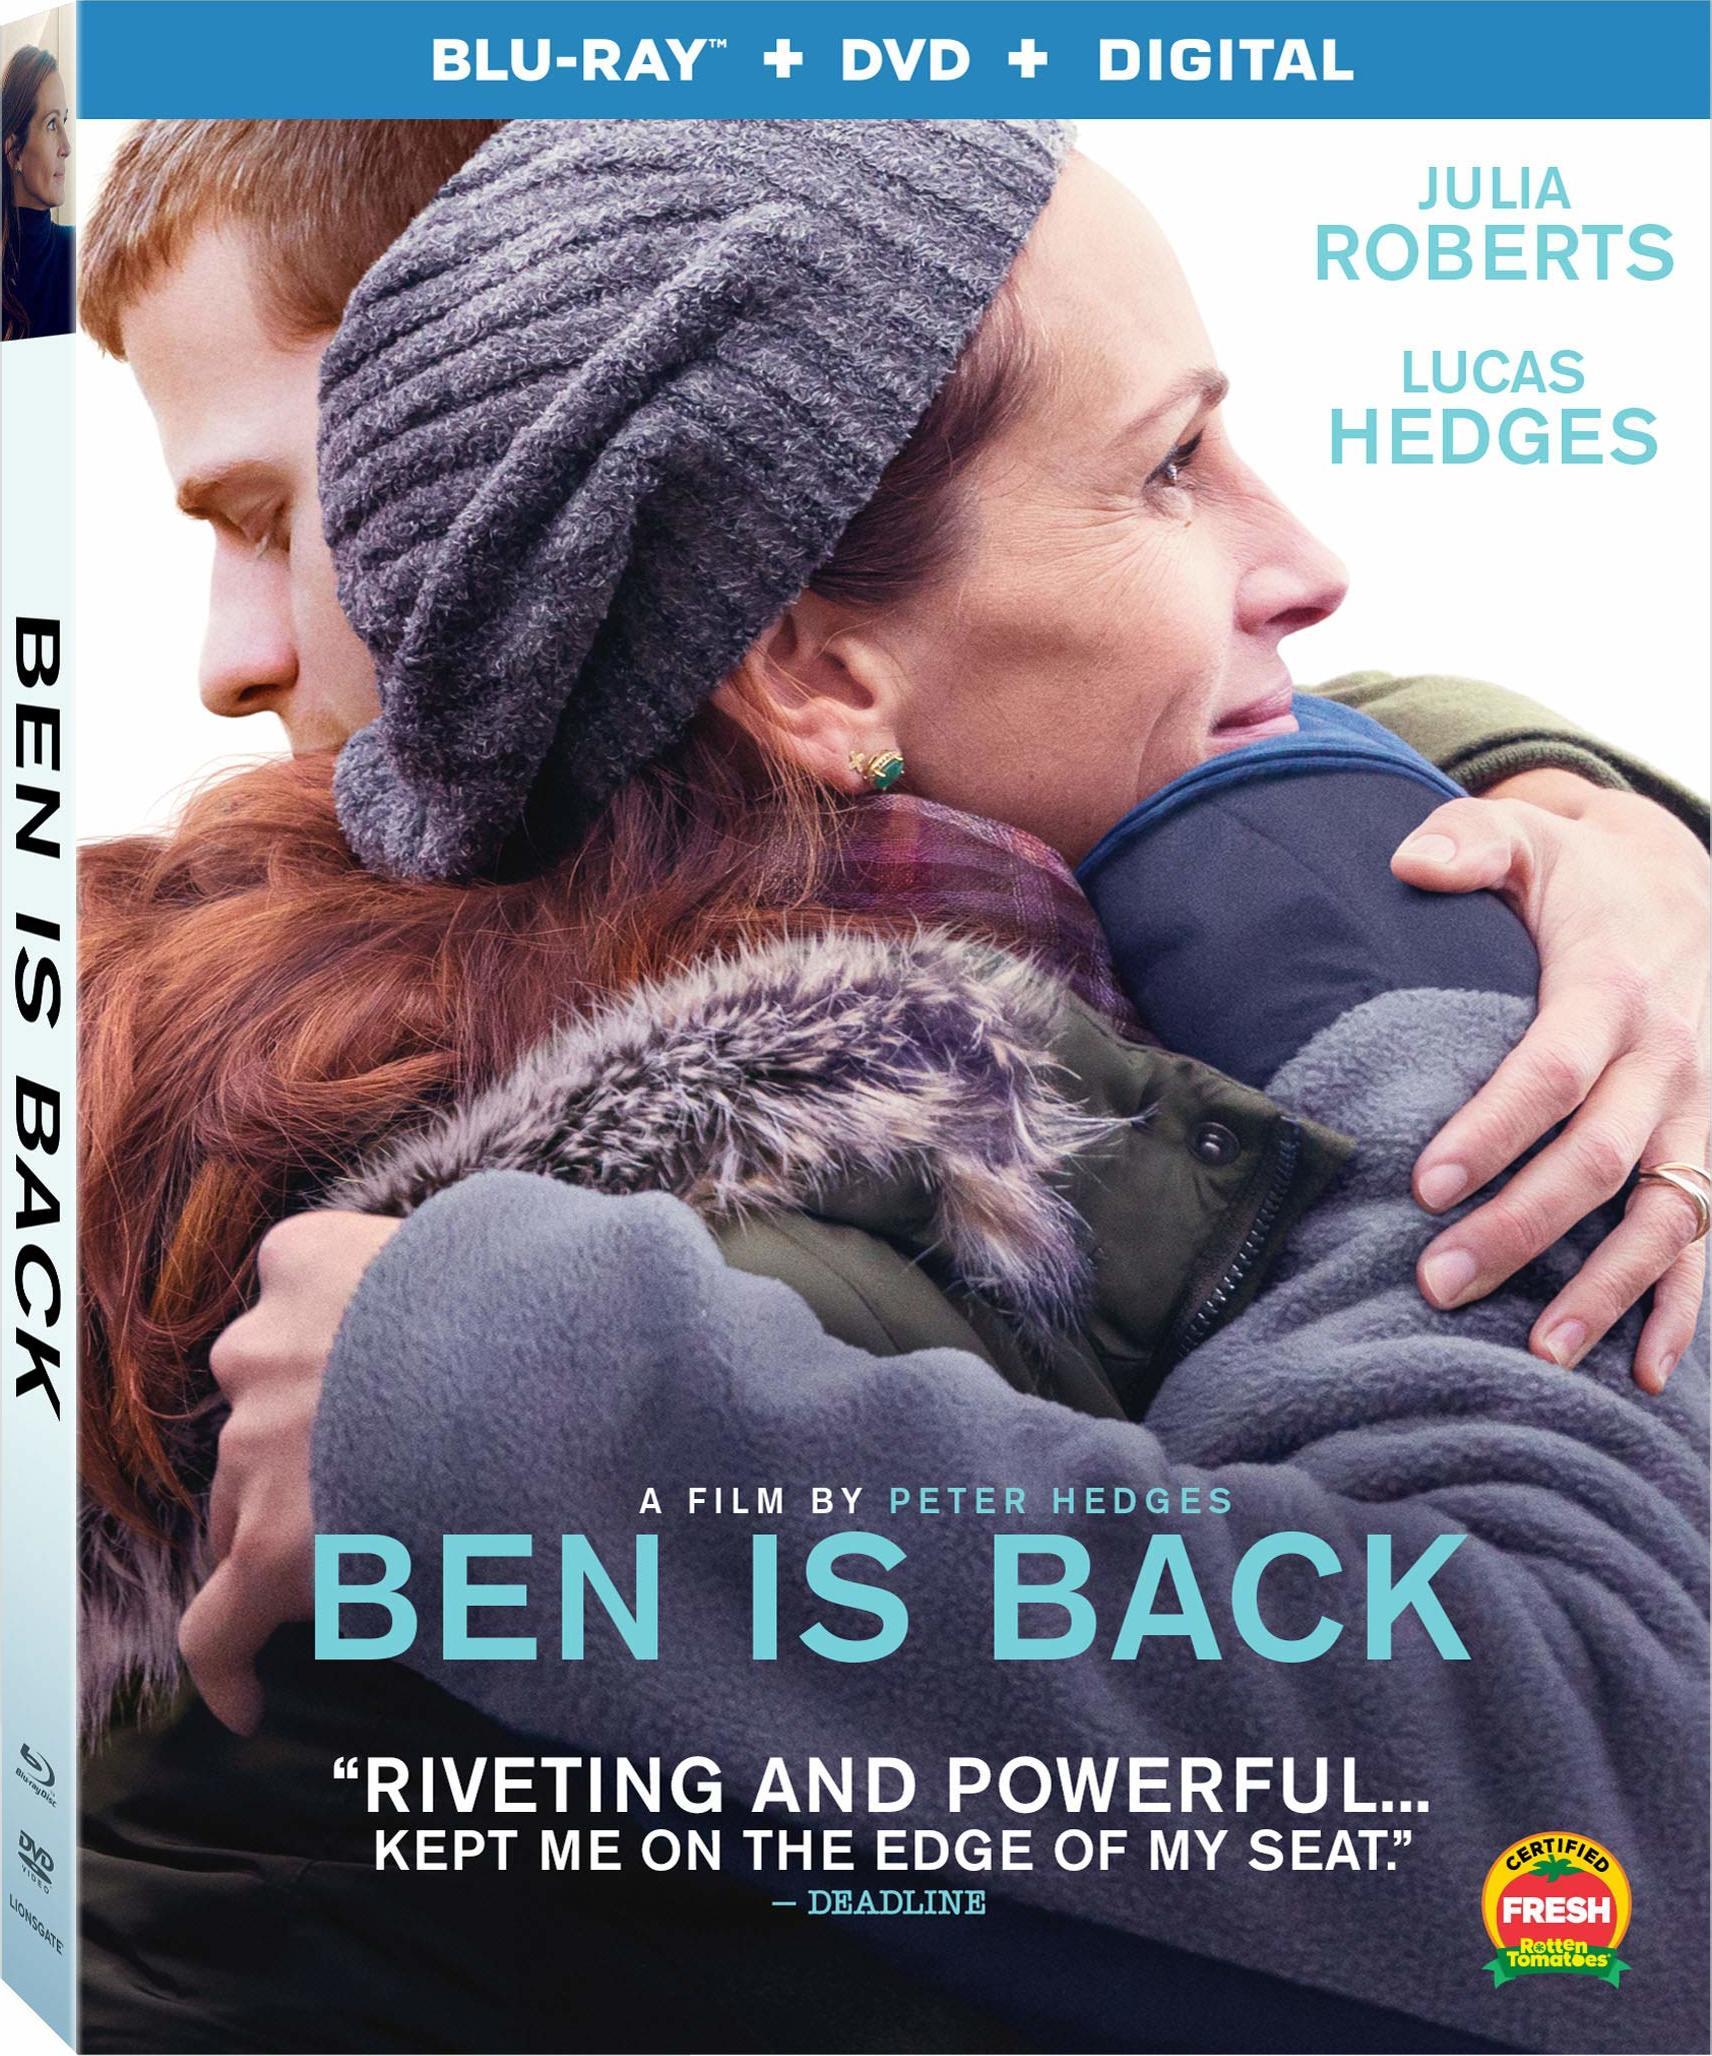 Ben Is Back (Blu-ray)(Region A)(Pre-order / Mar 5)